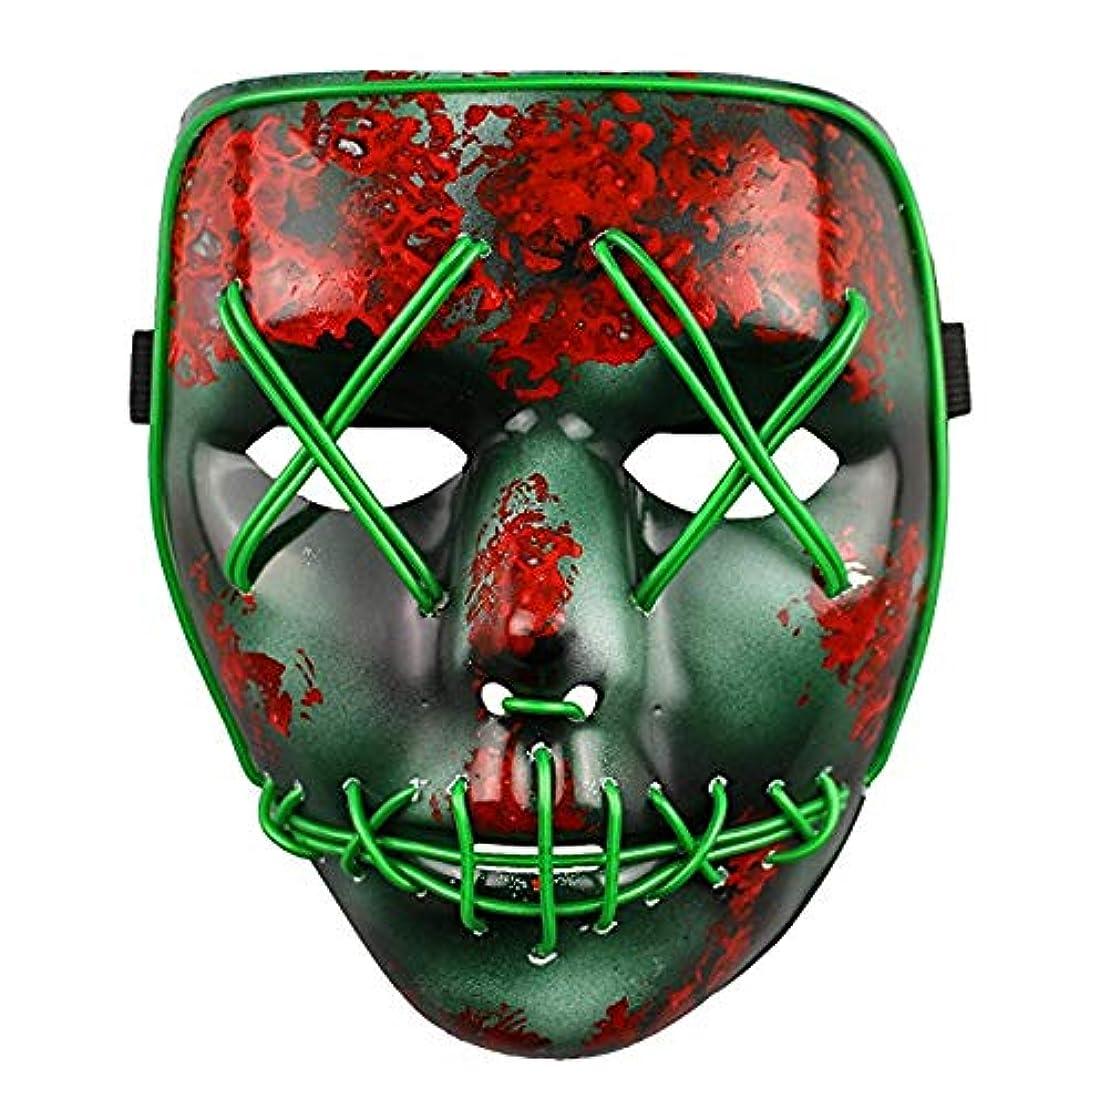 タイヤブロンズ改革ライトアップマスクフェスティバルハロウィンコスチュームアダルトマスク